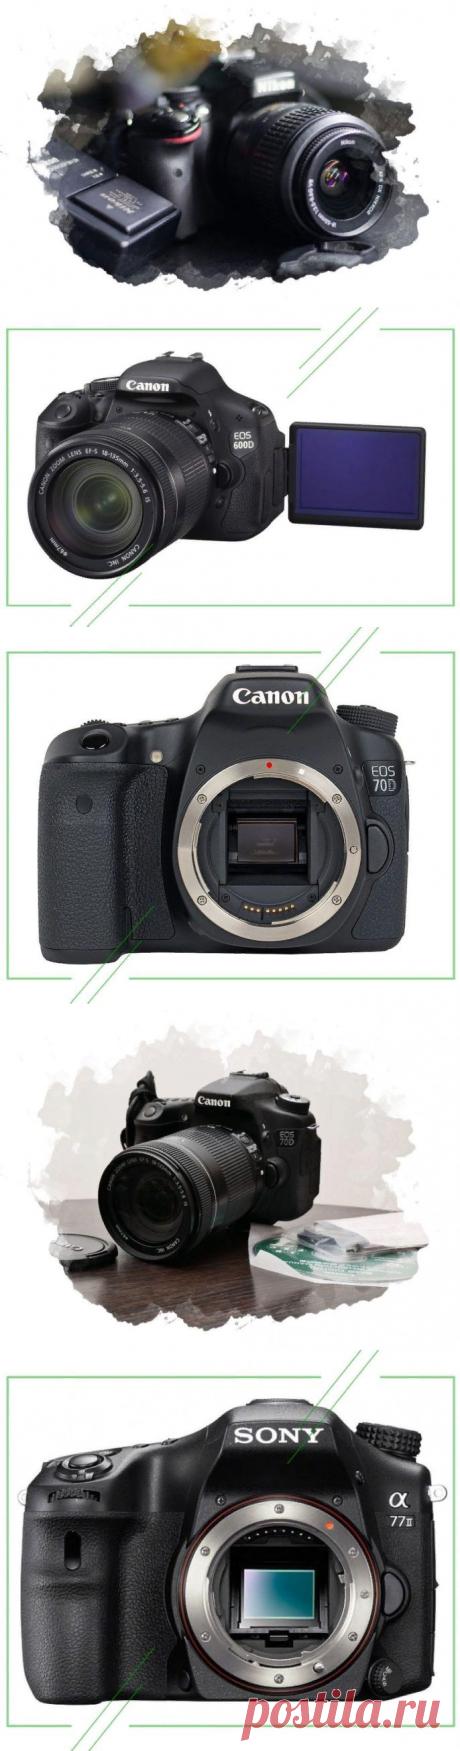 ТОП-7 лучших зеркальных фотоаппаратов